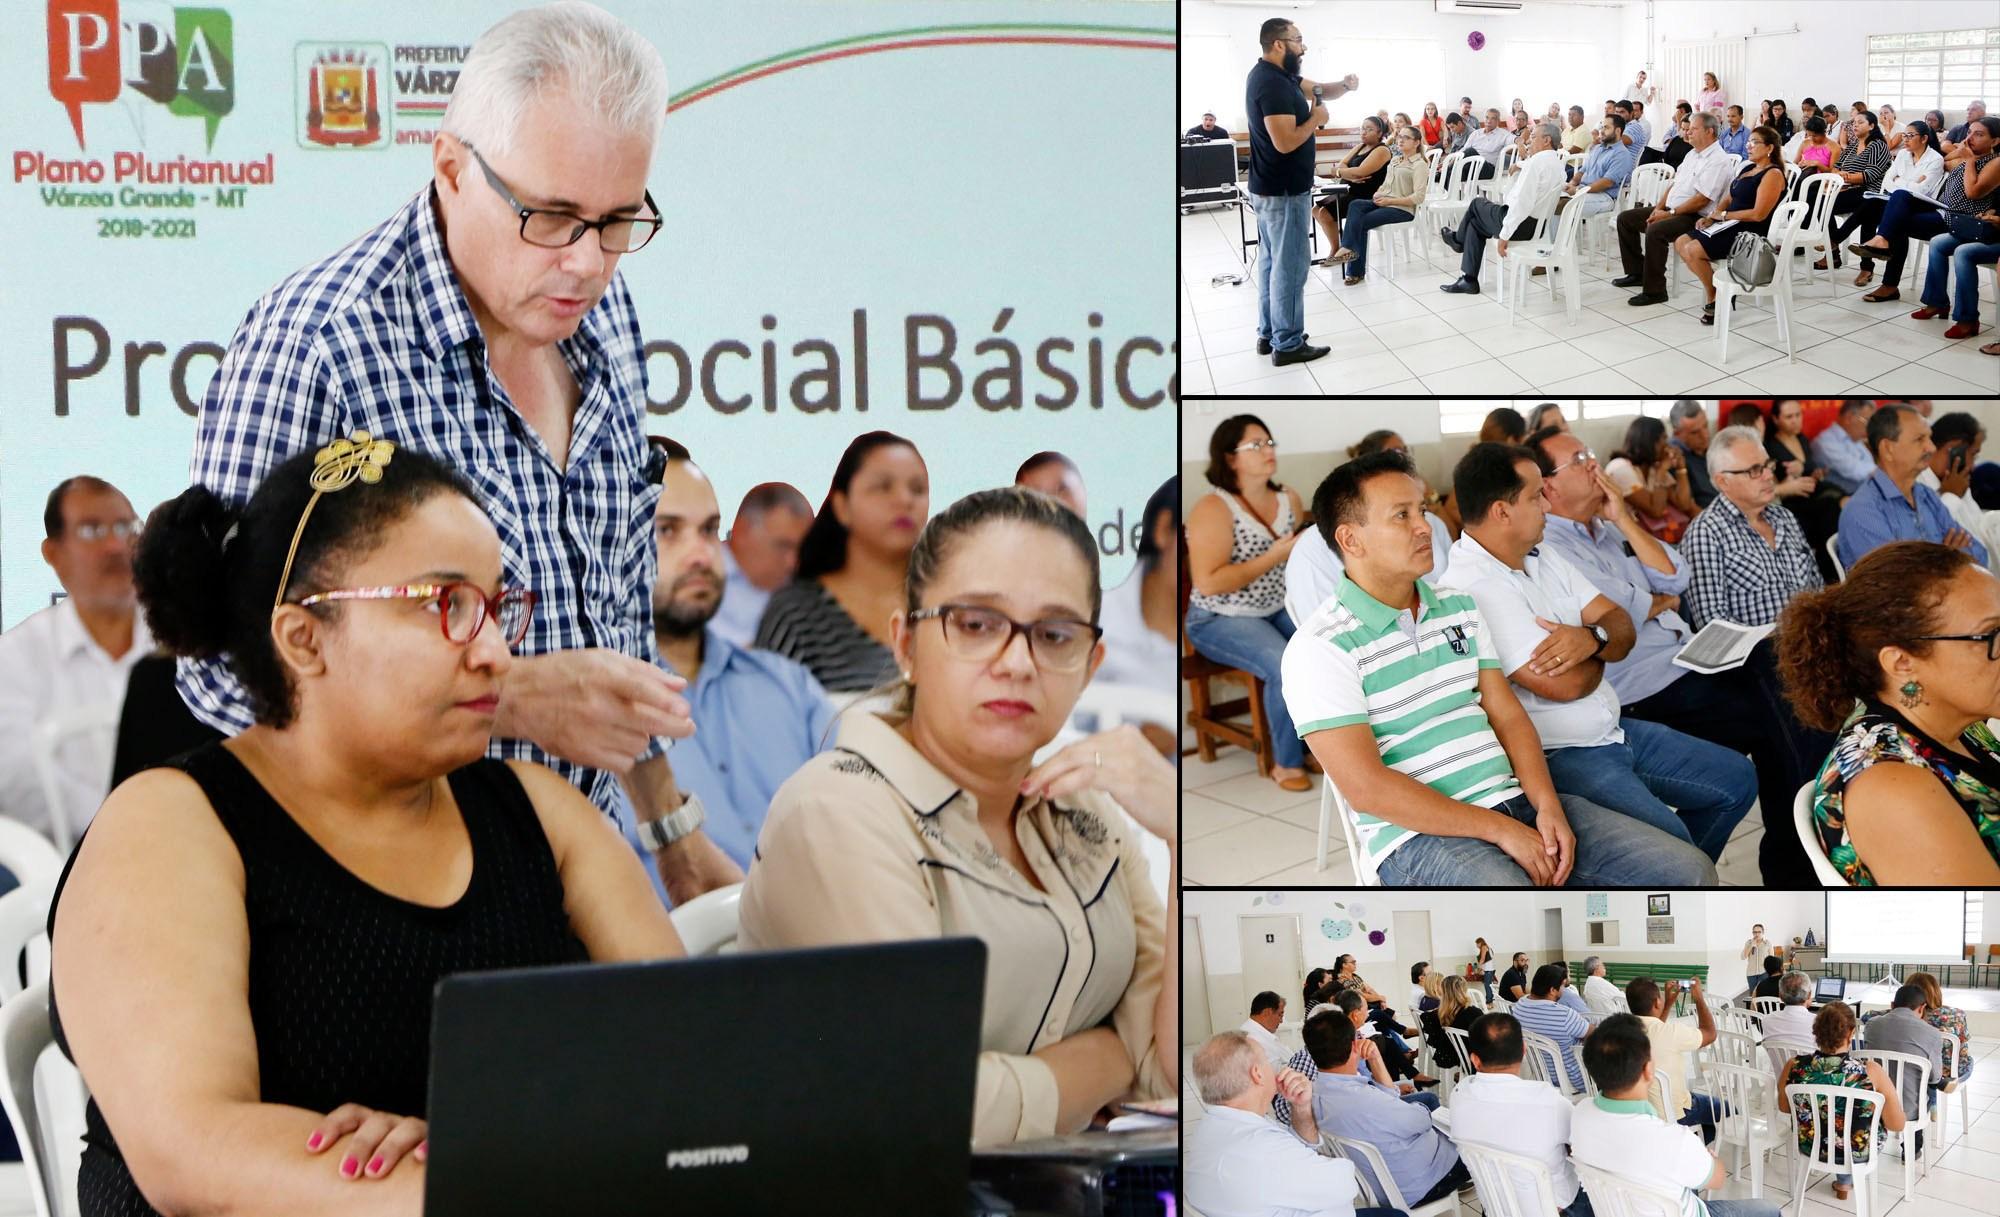 Planejamento avalia evolução de políticas públicas com participação social na elaboração do Plano Plurianual